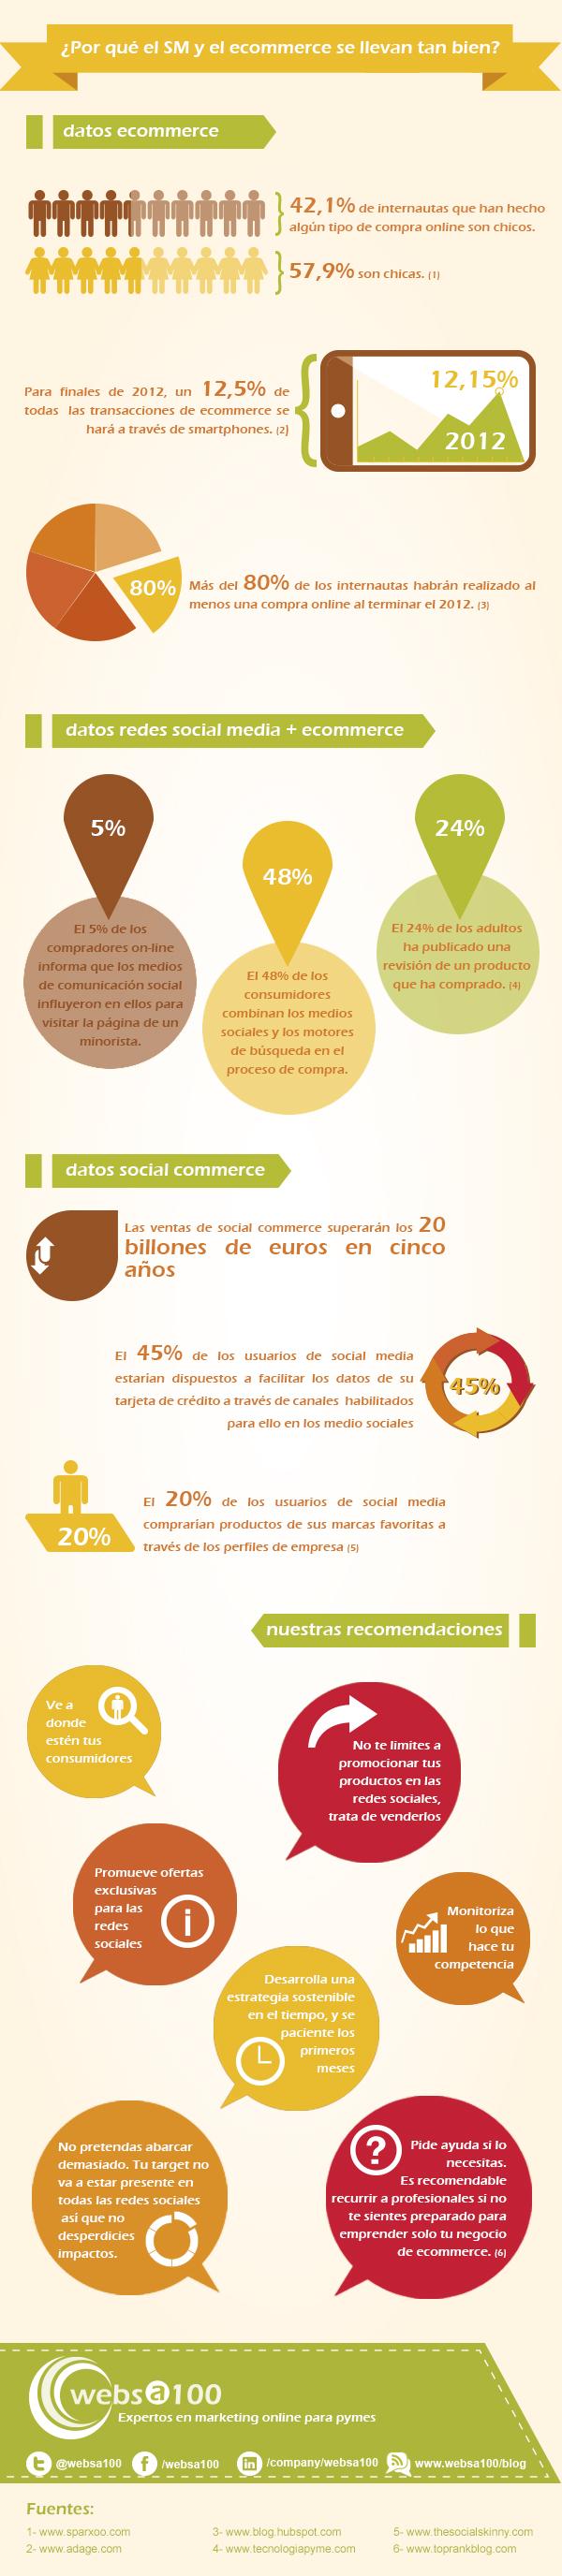 http://www.websa100.com/blog/2012/10/07/infografia-gratuita-el-comercio-online-y-las-redes-sociales-condenados-a-entenderse/